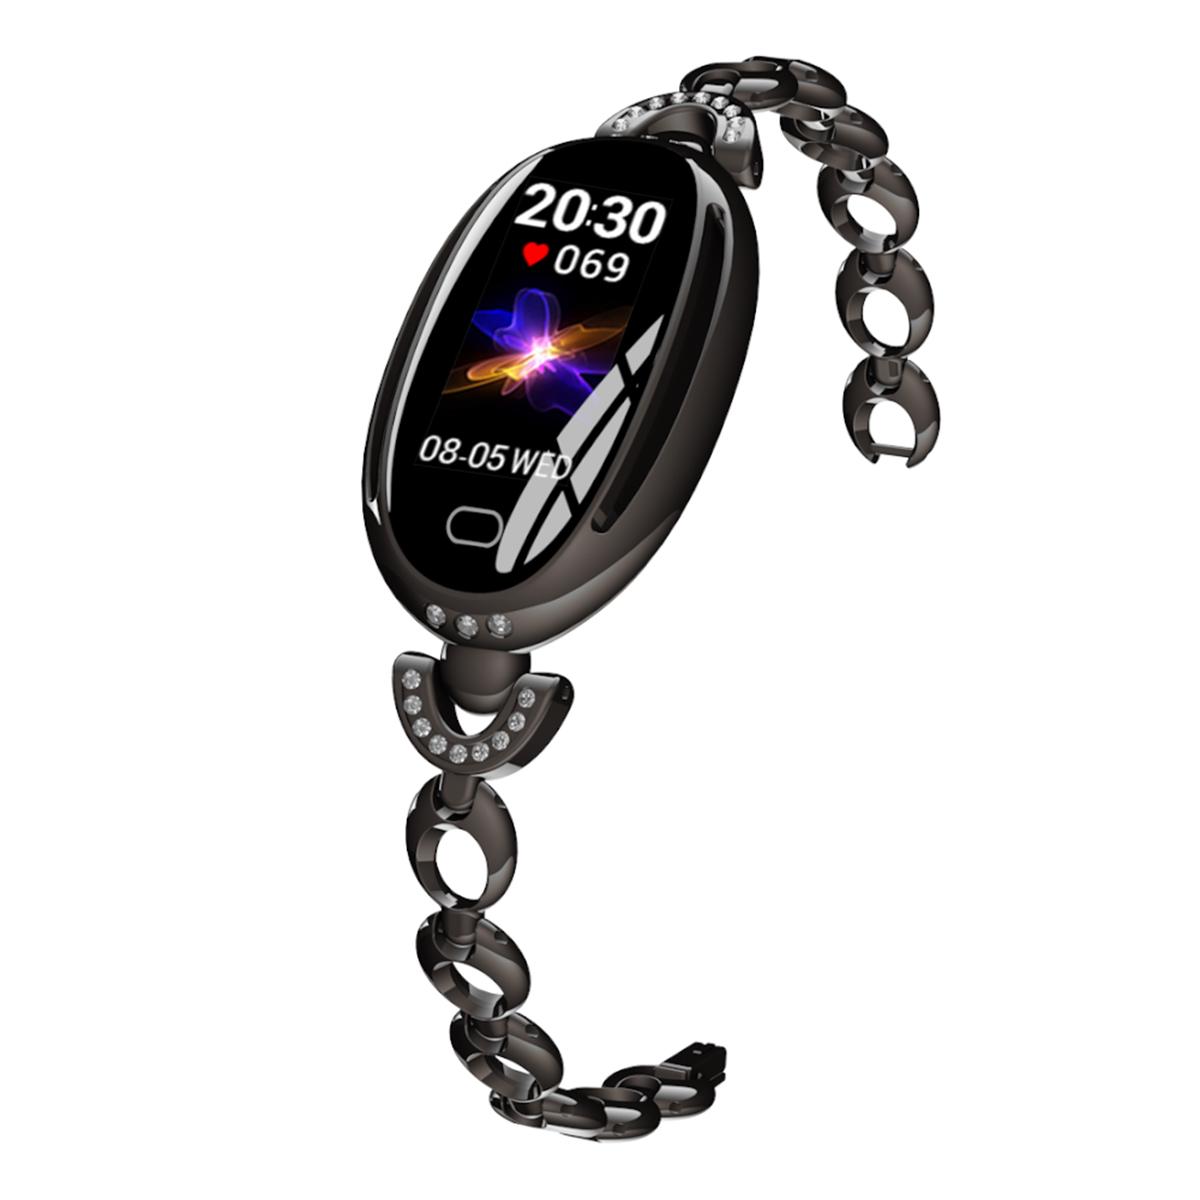 欧达智能时尚潮流女性镂空心率血压手环E68